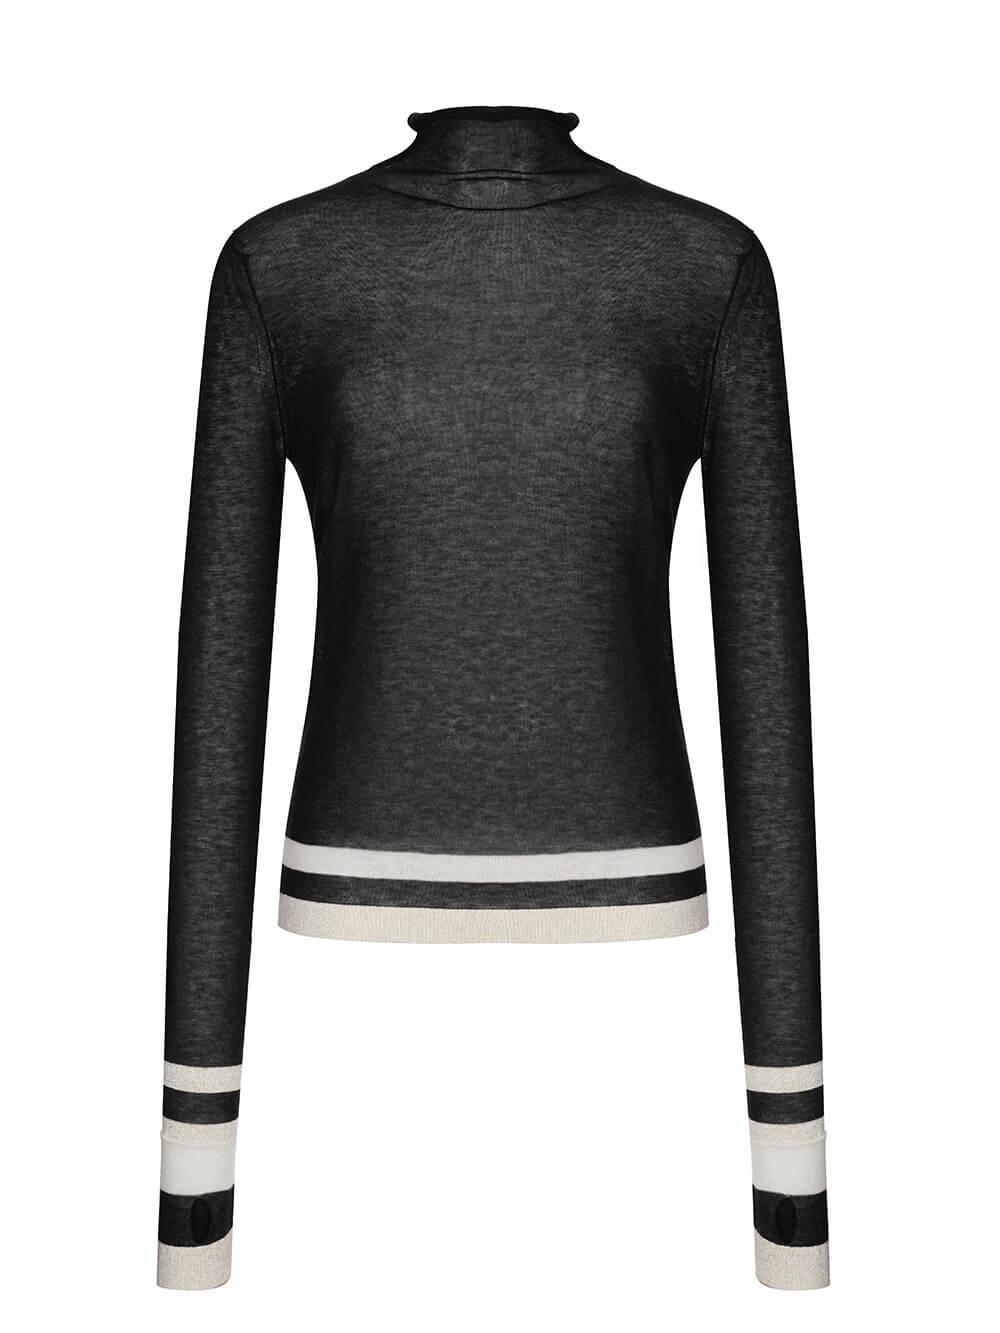 Женская водолазка черного цвета из шерсти - фото 1